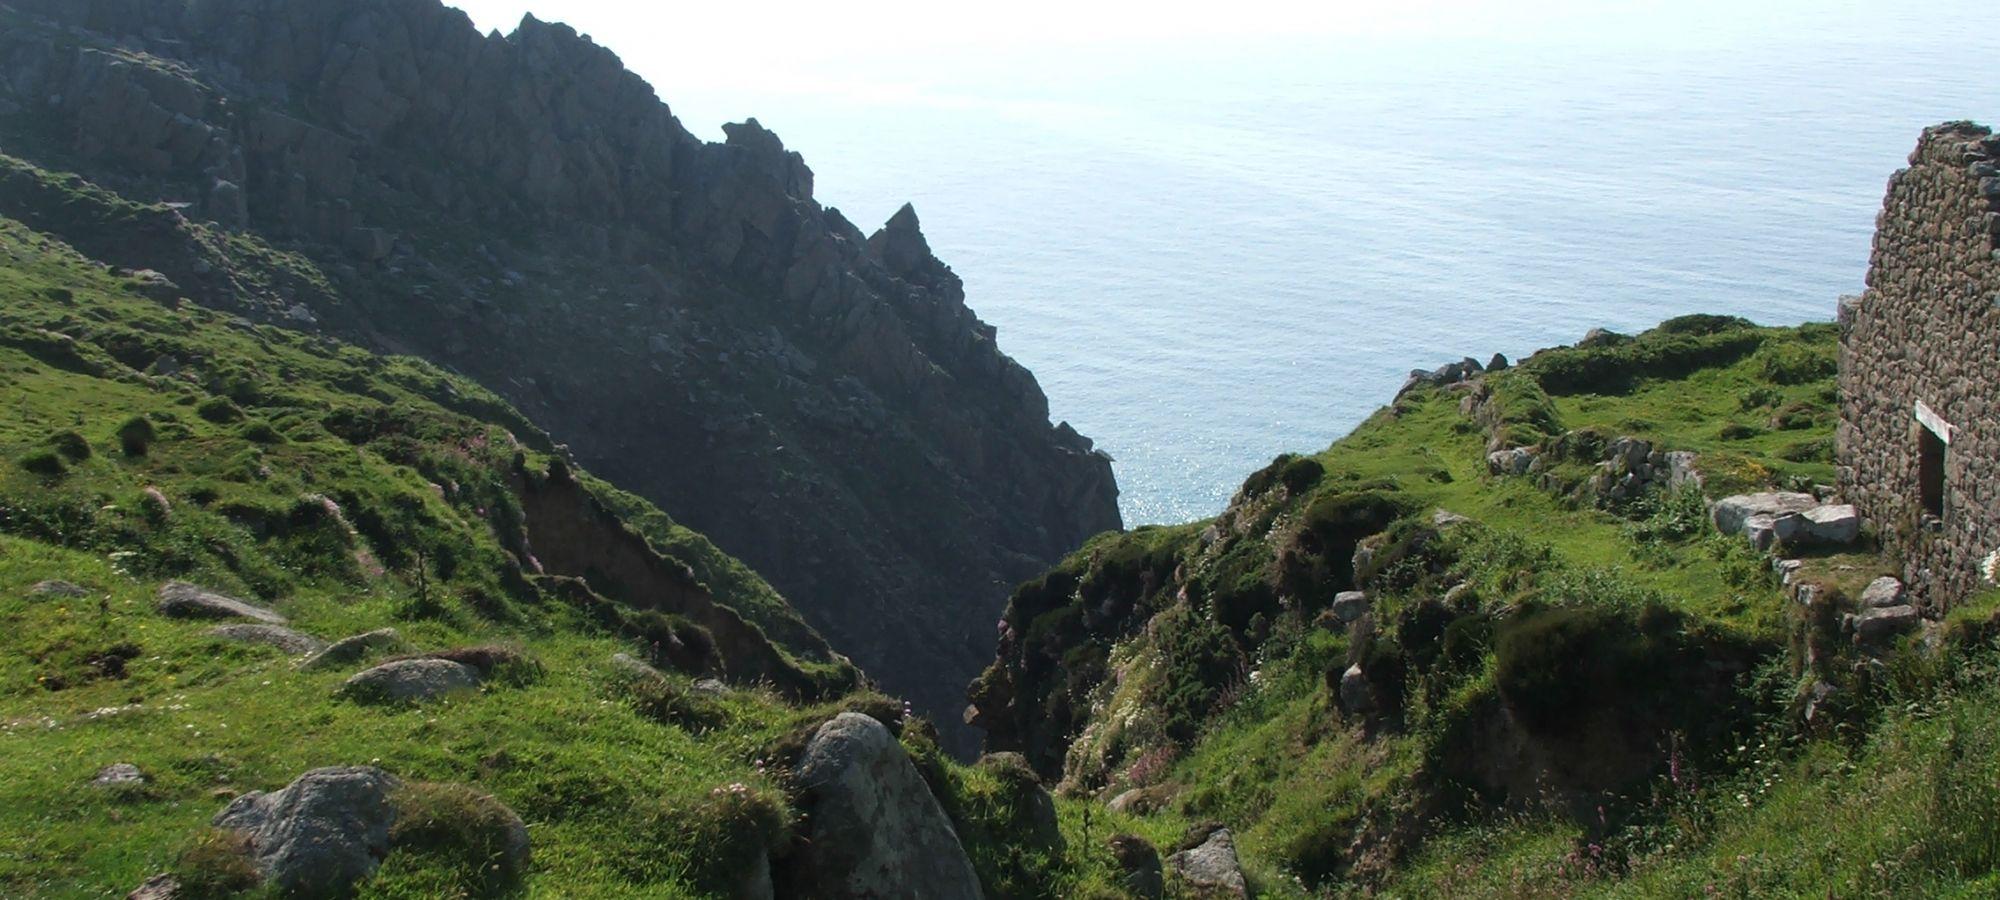 Jagged cliffs near to Bosigran, Cornwall